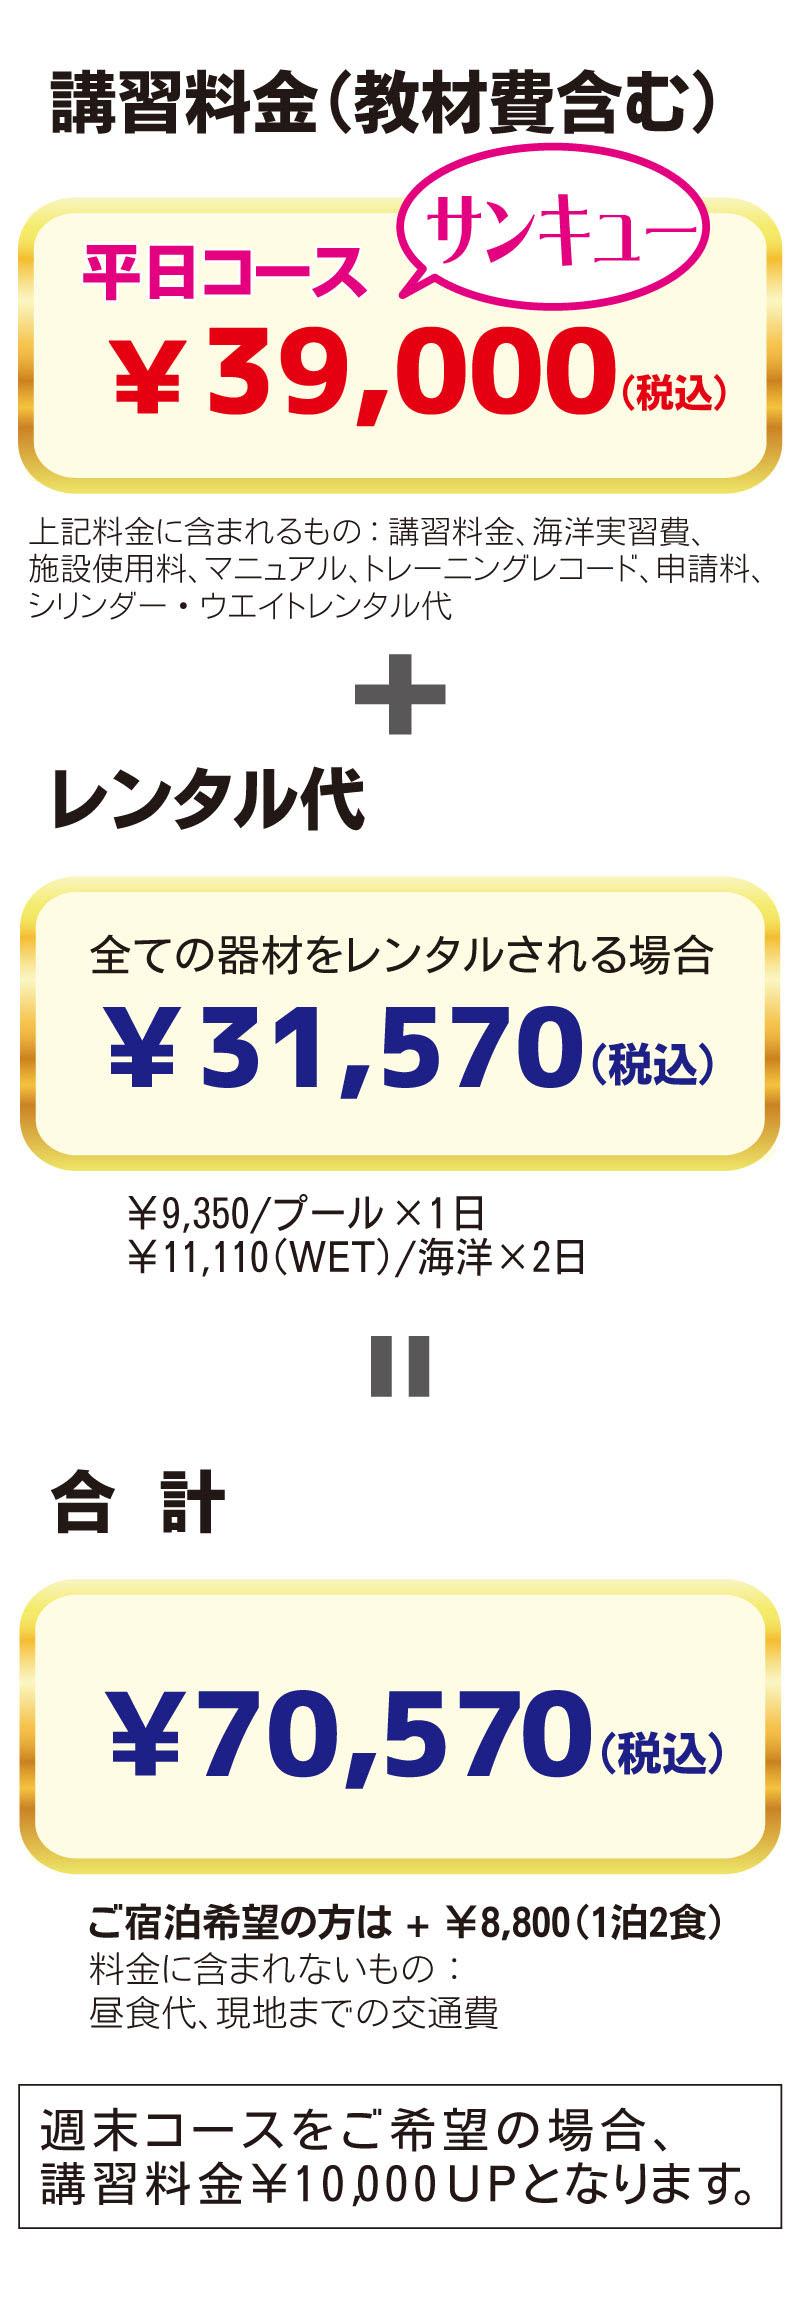 講習料金35,000円+レンタル代31,570円=66,570円